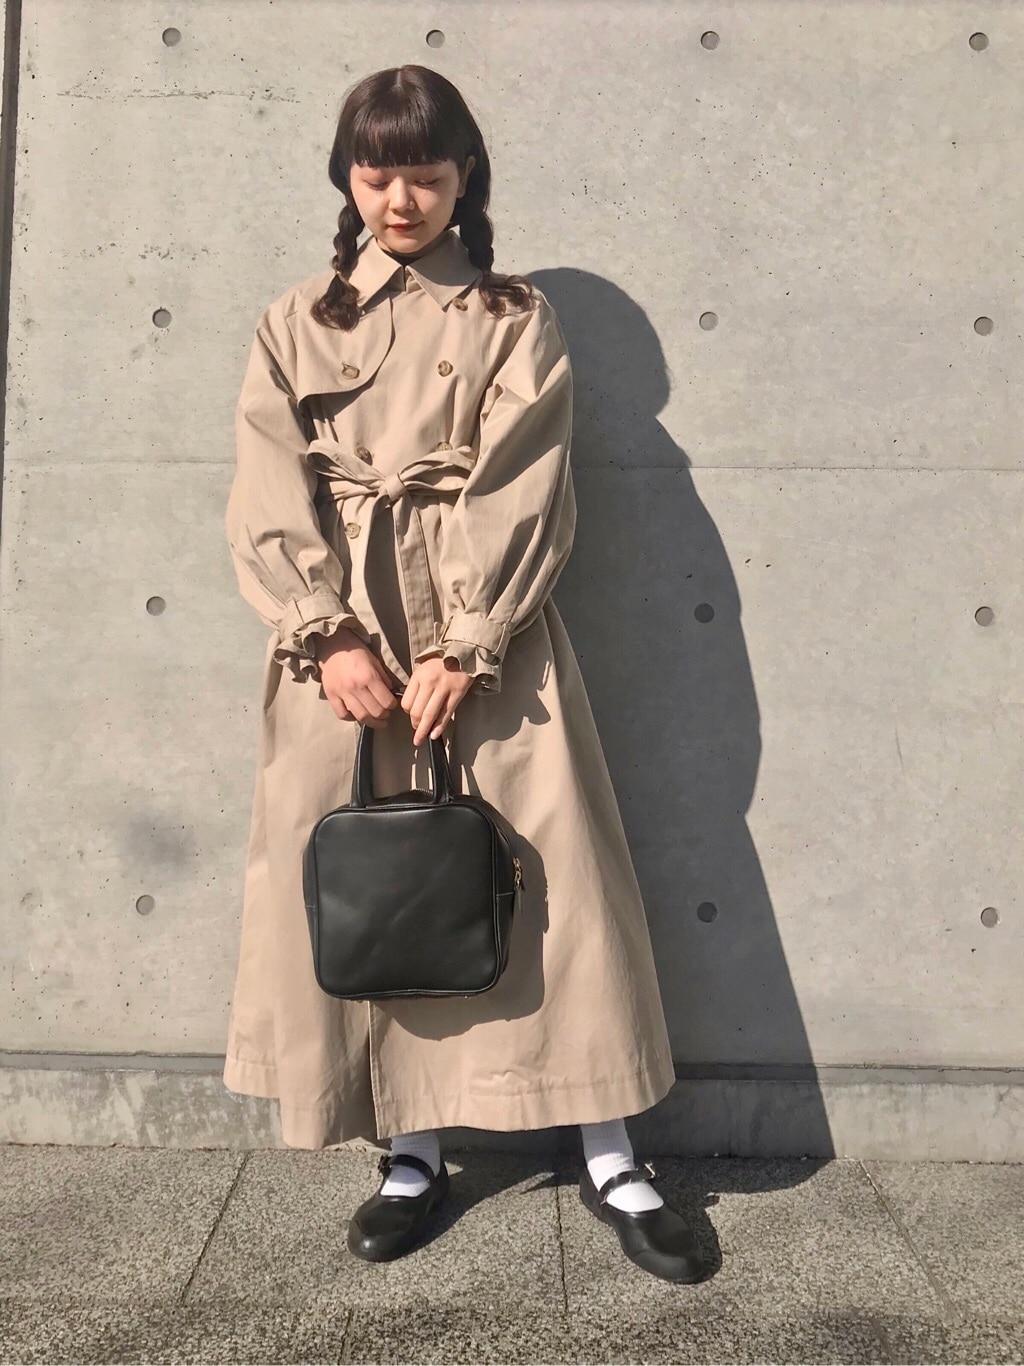 東京スカイツリータウン・ソラマチ 2020.11.19